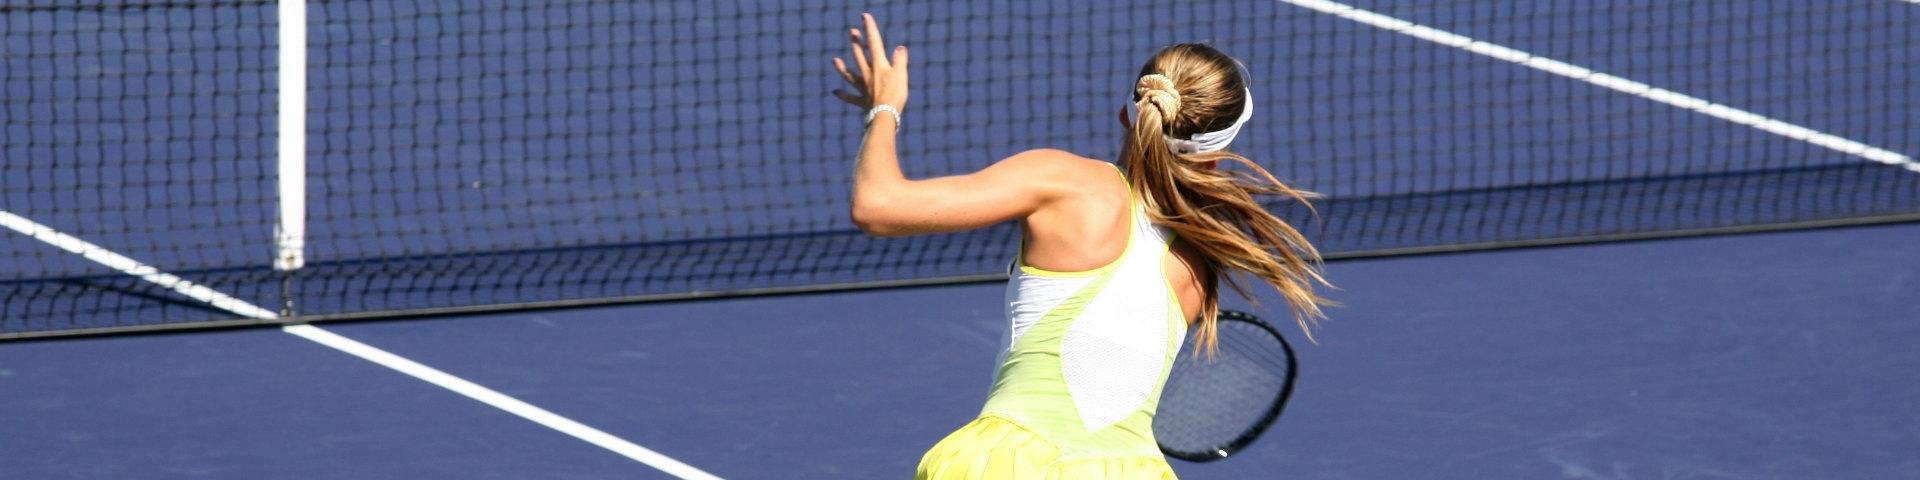 Tennis Women